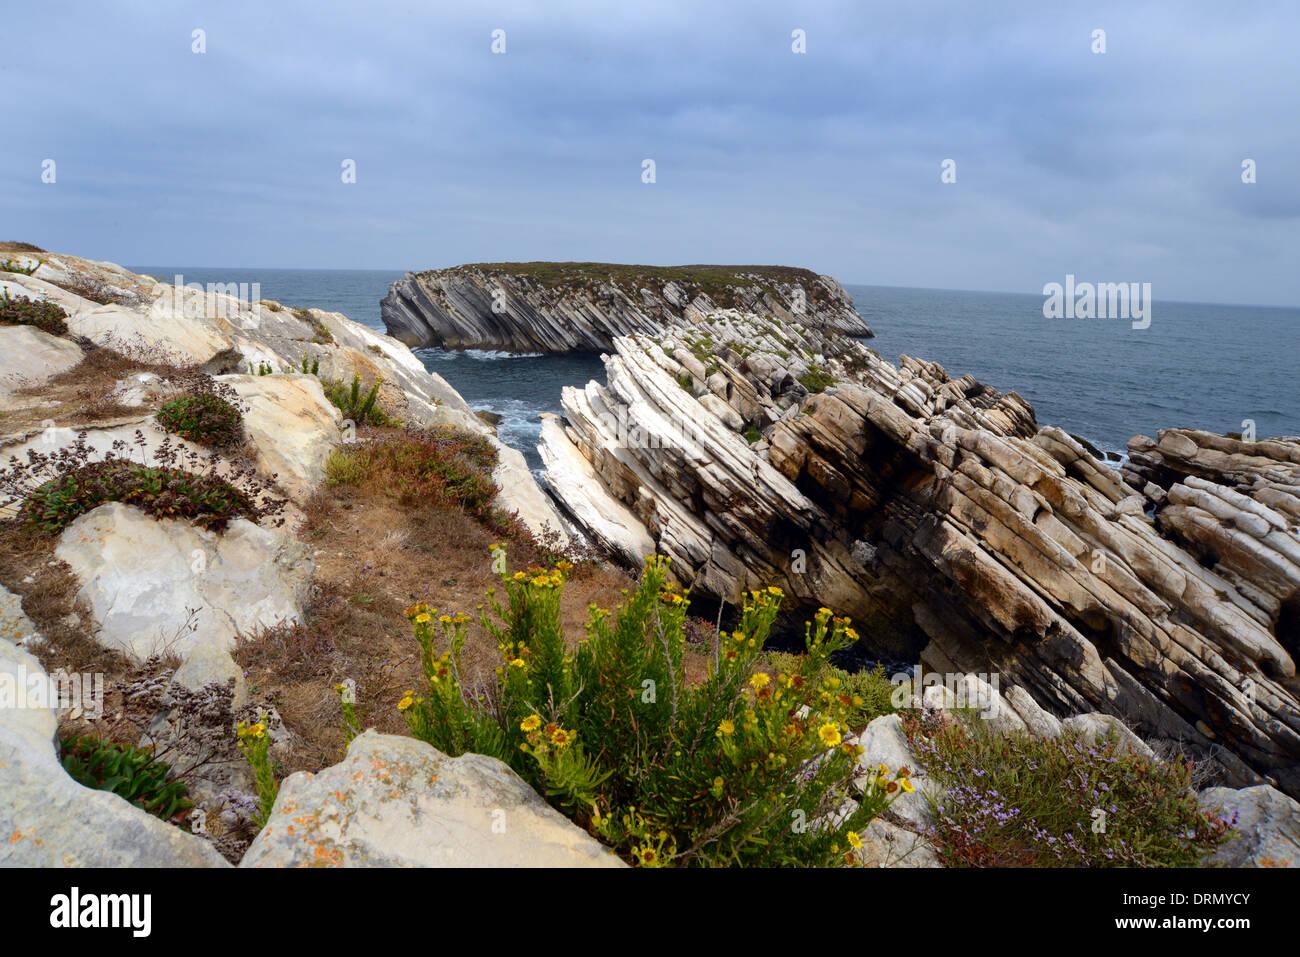 Peniche Peninsular Portugal - Stock Image